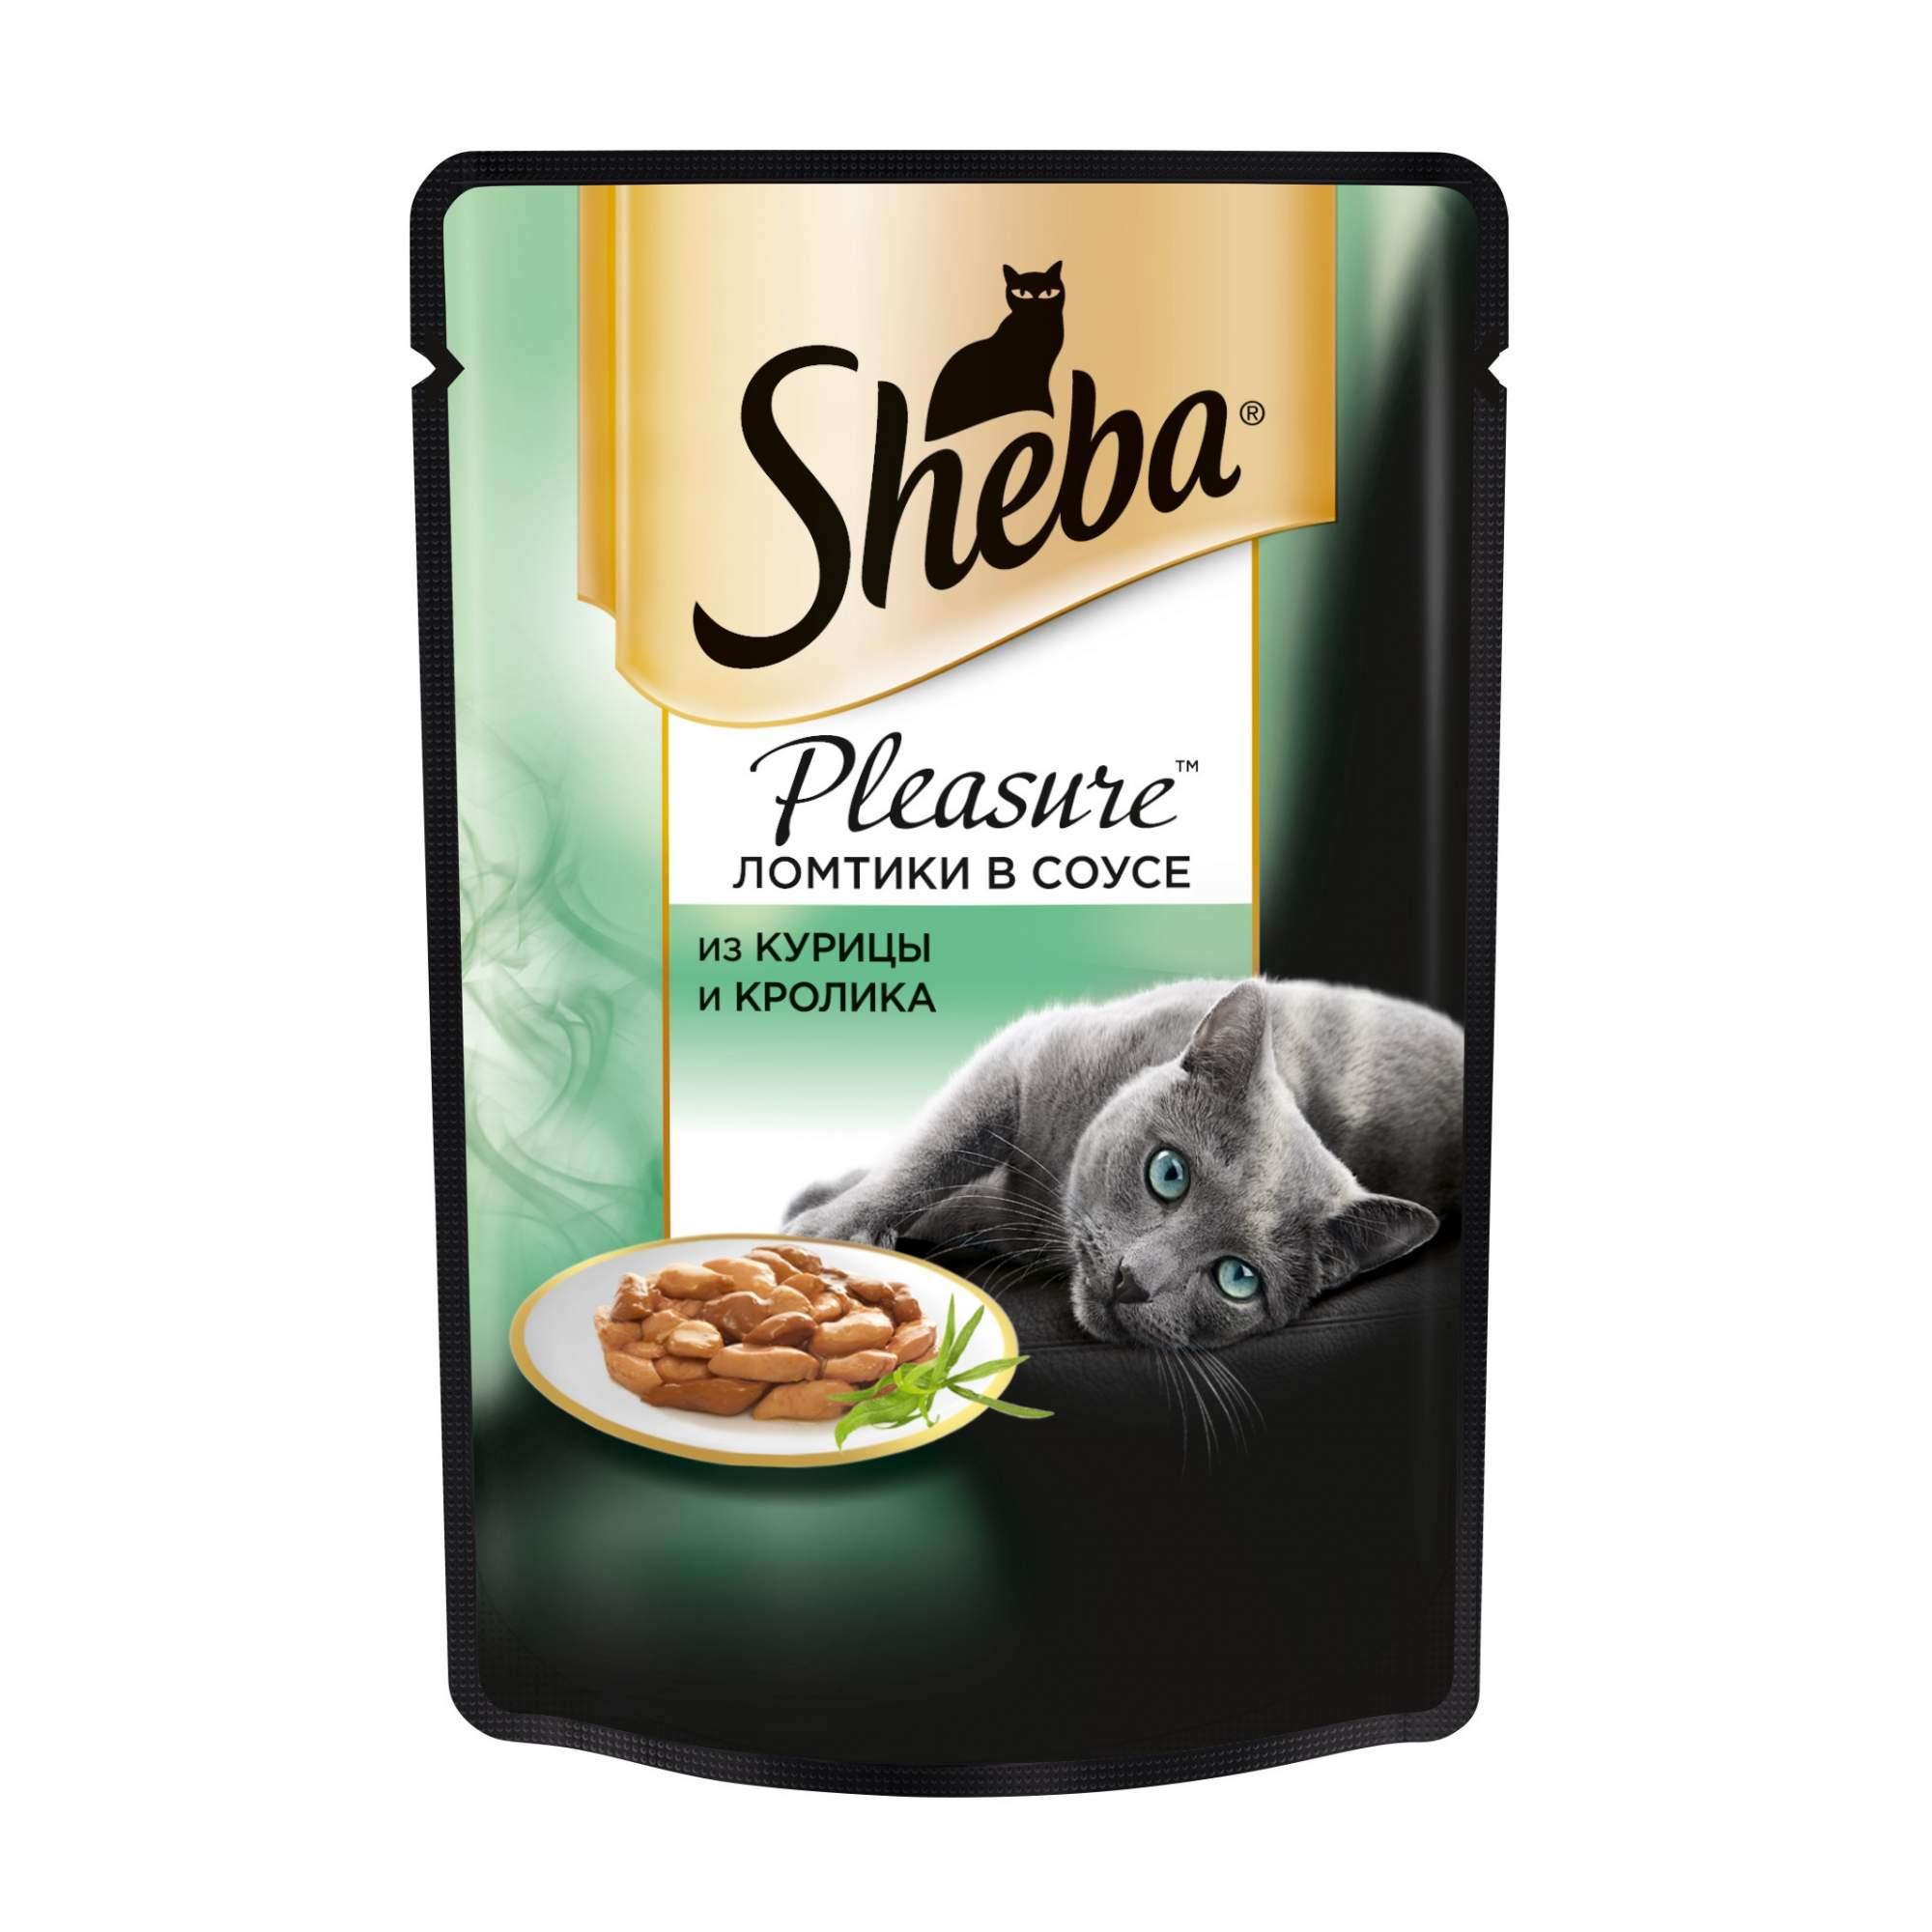 Влажный корм для кошек Sheba Pleasure ломтики из курицы и кролика в соусе, 85г